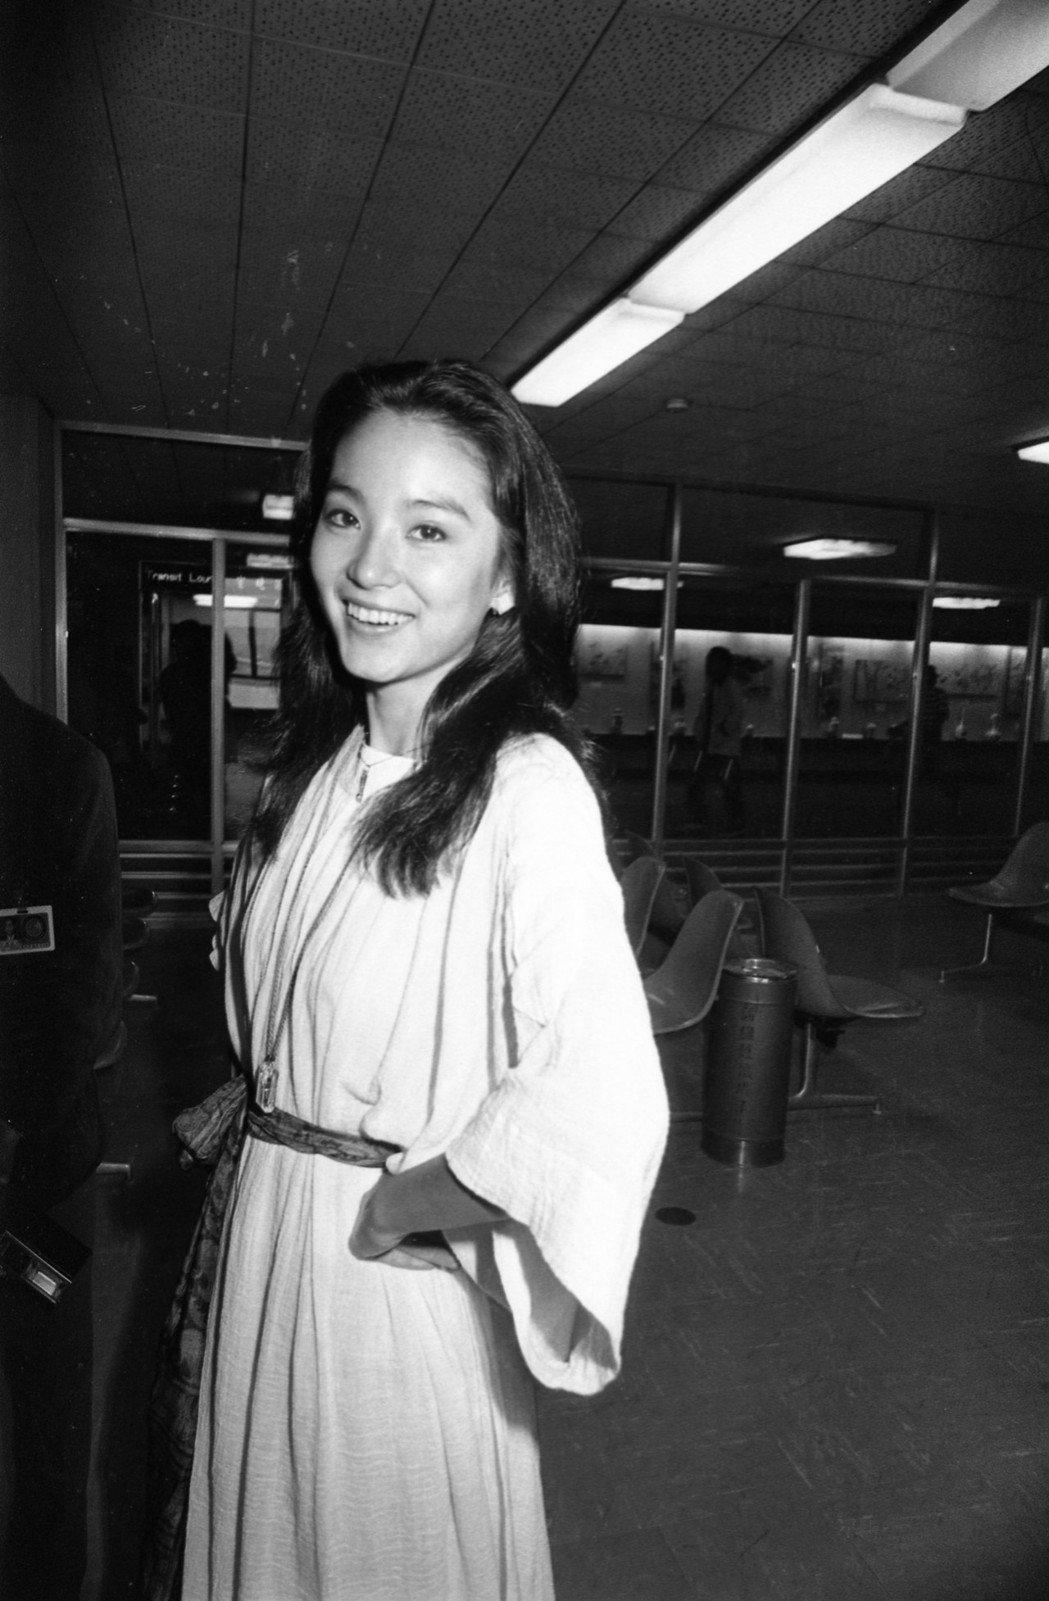 林青霞美麗飄逸,曾被列入「玫瑰的故事」女主角人選。圖/報系資料照片